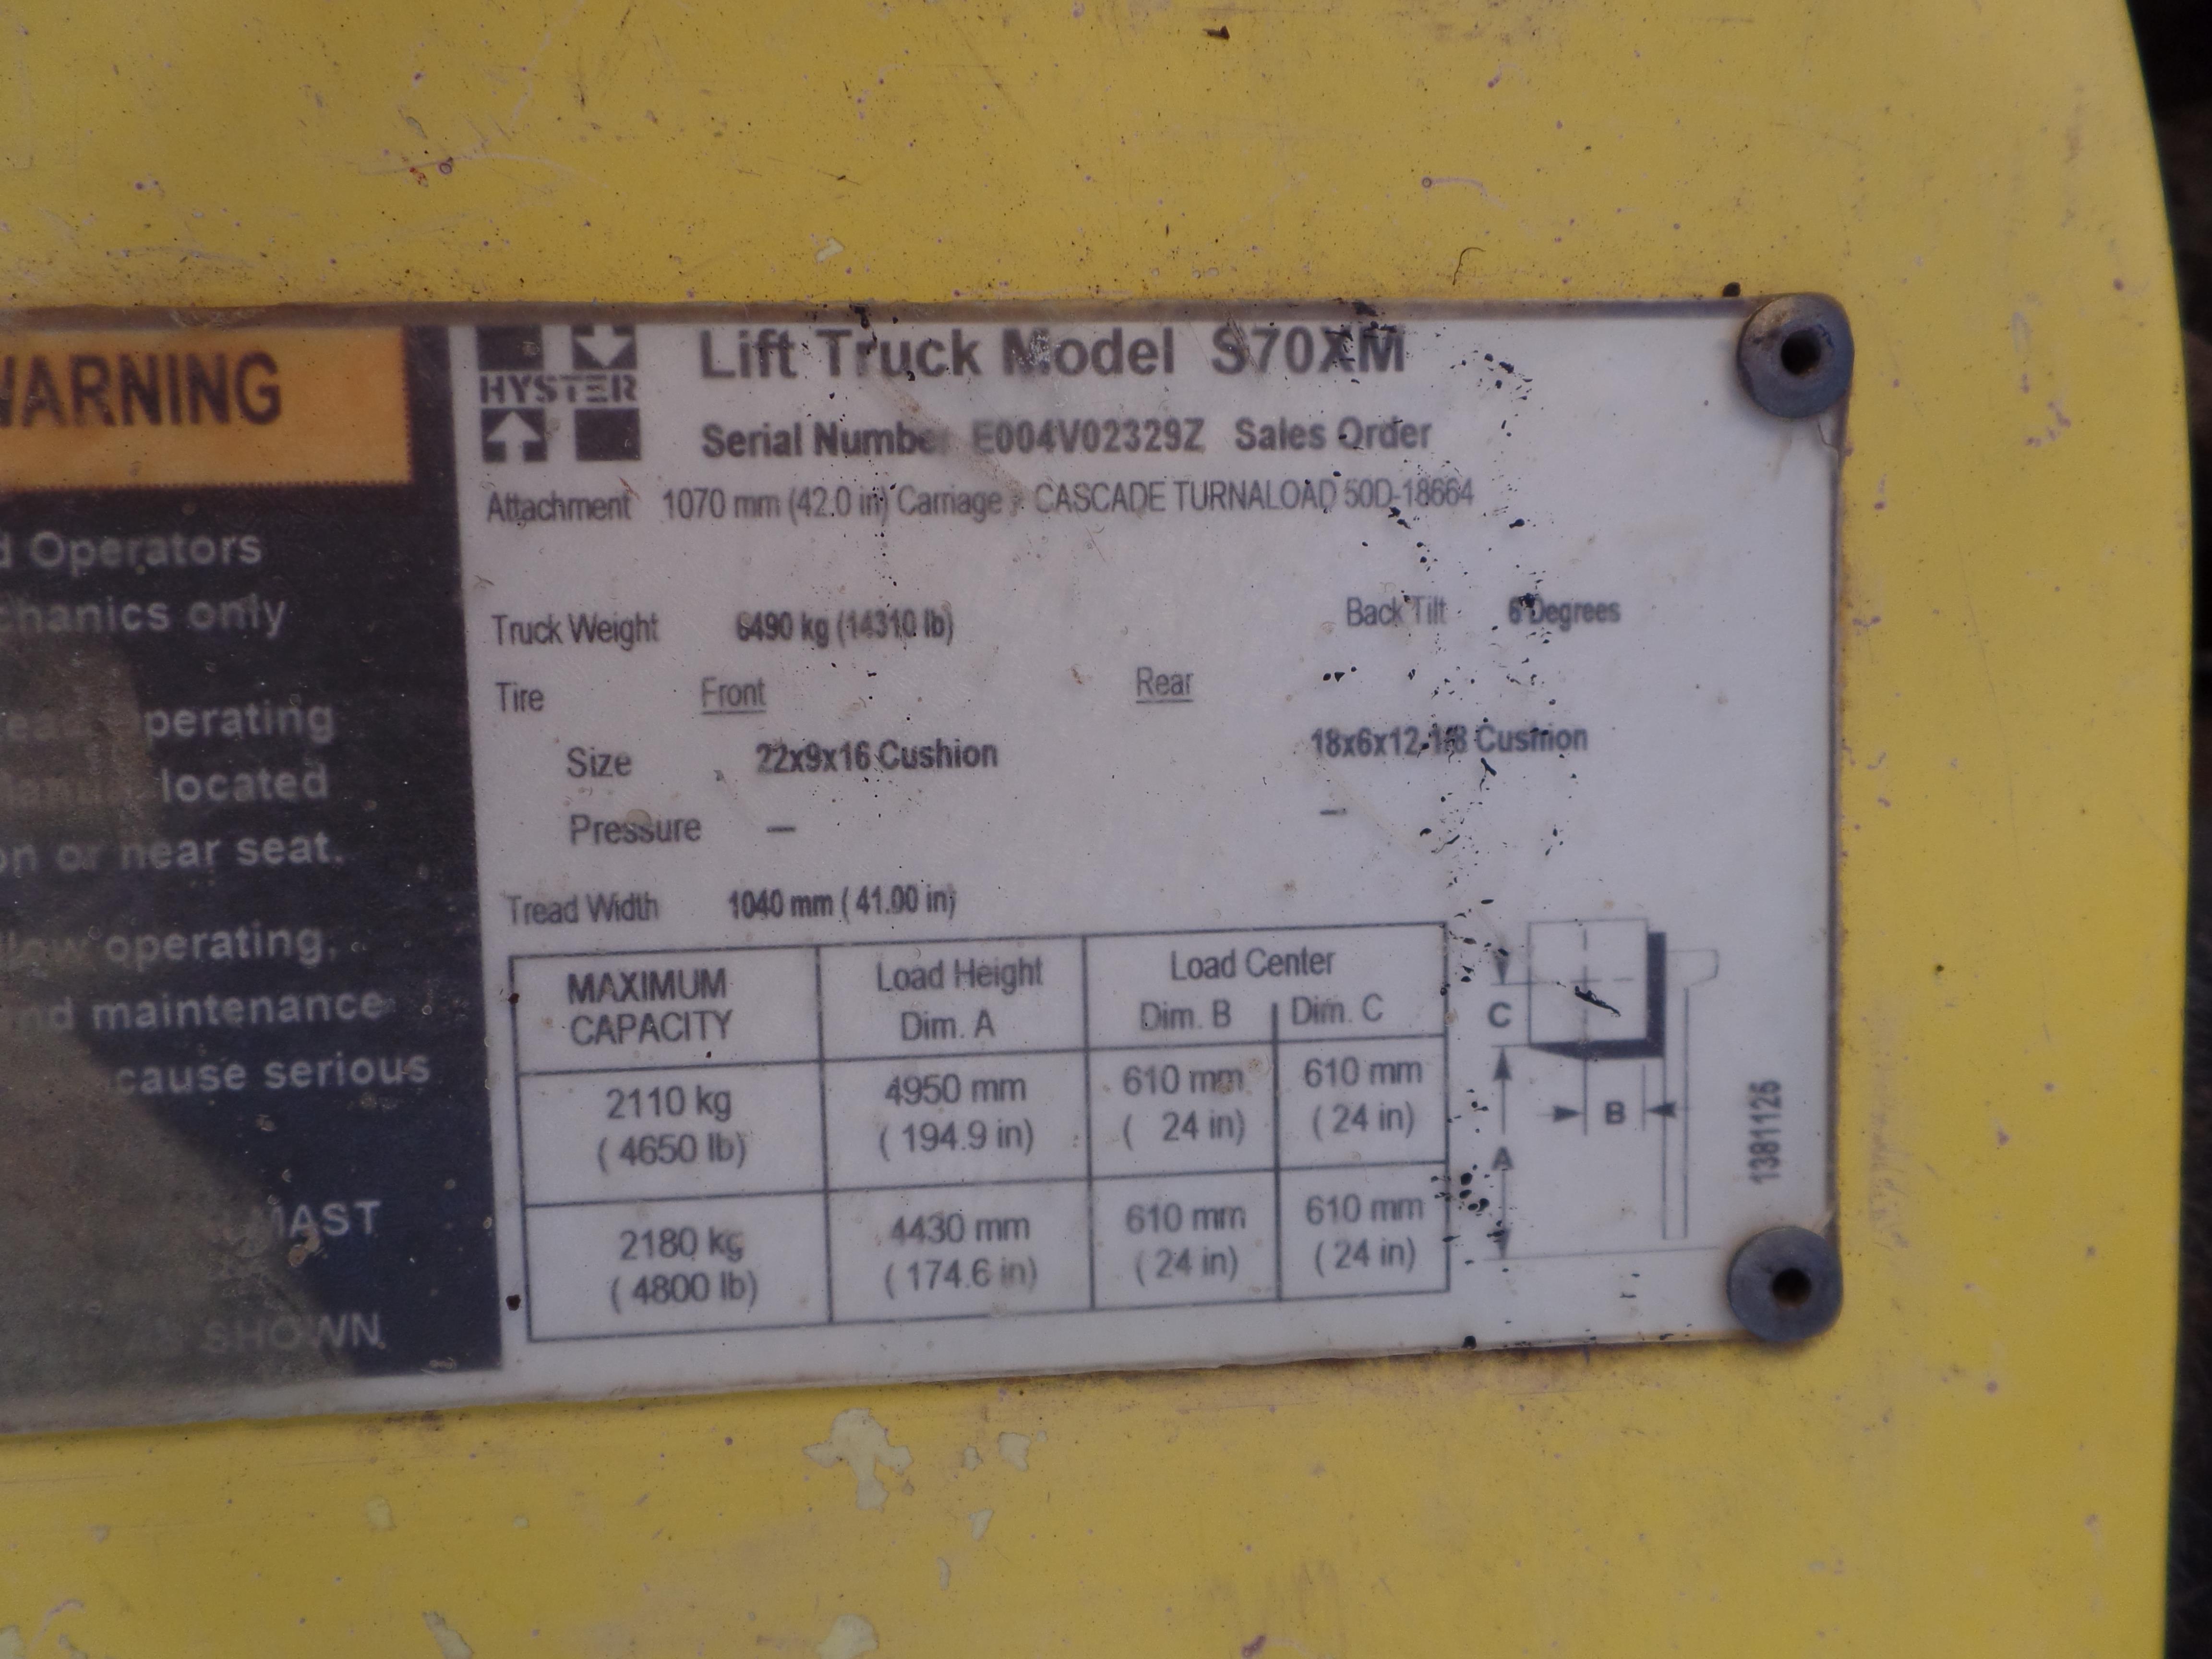 Hyster Model S70XM 5000 1b Capacity forklift SN: E004V02329Z - Image 8 of 10